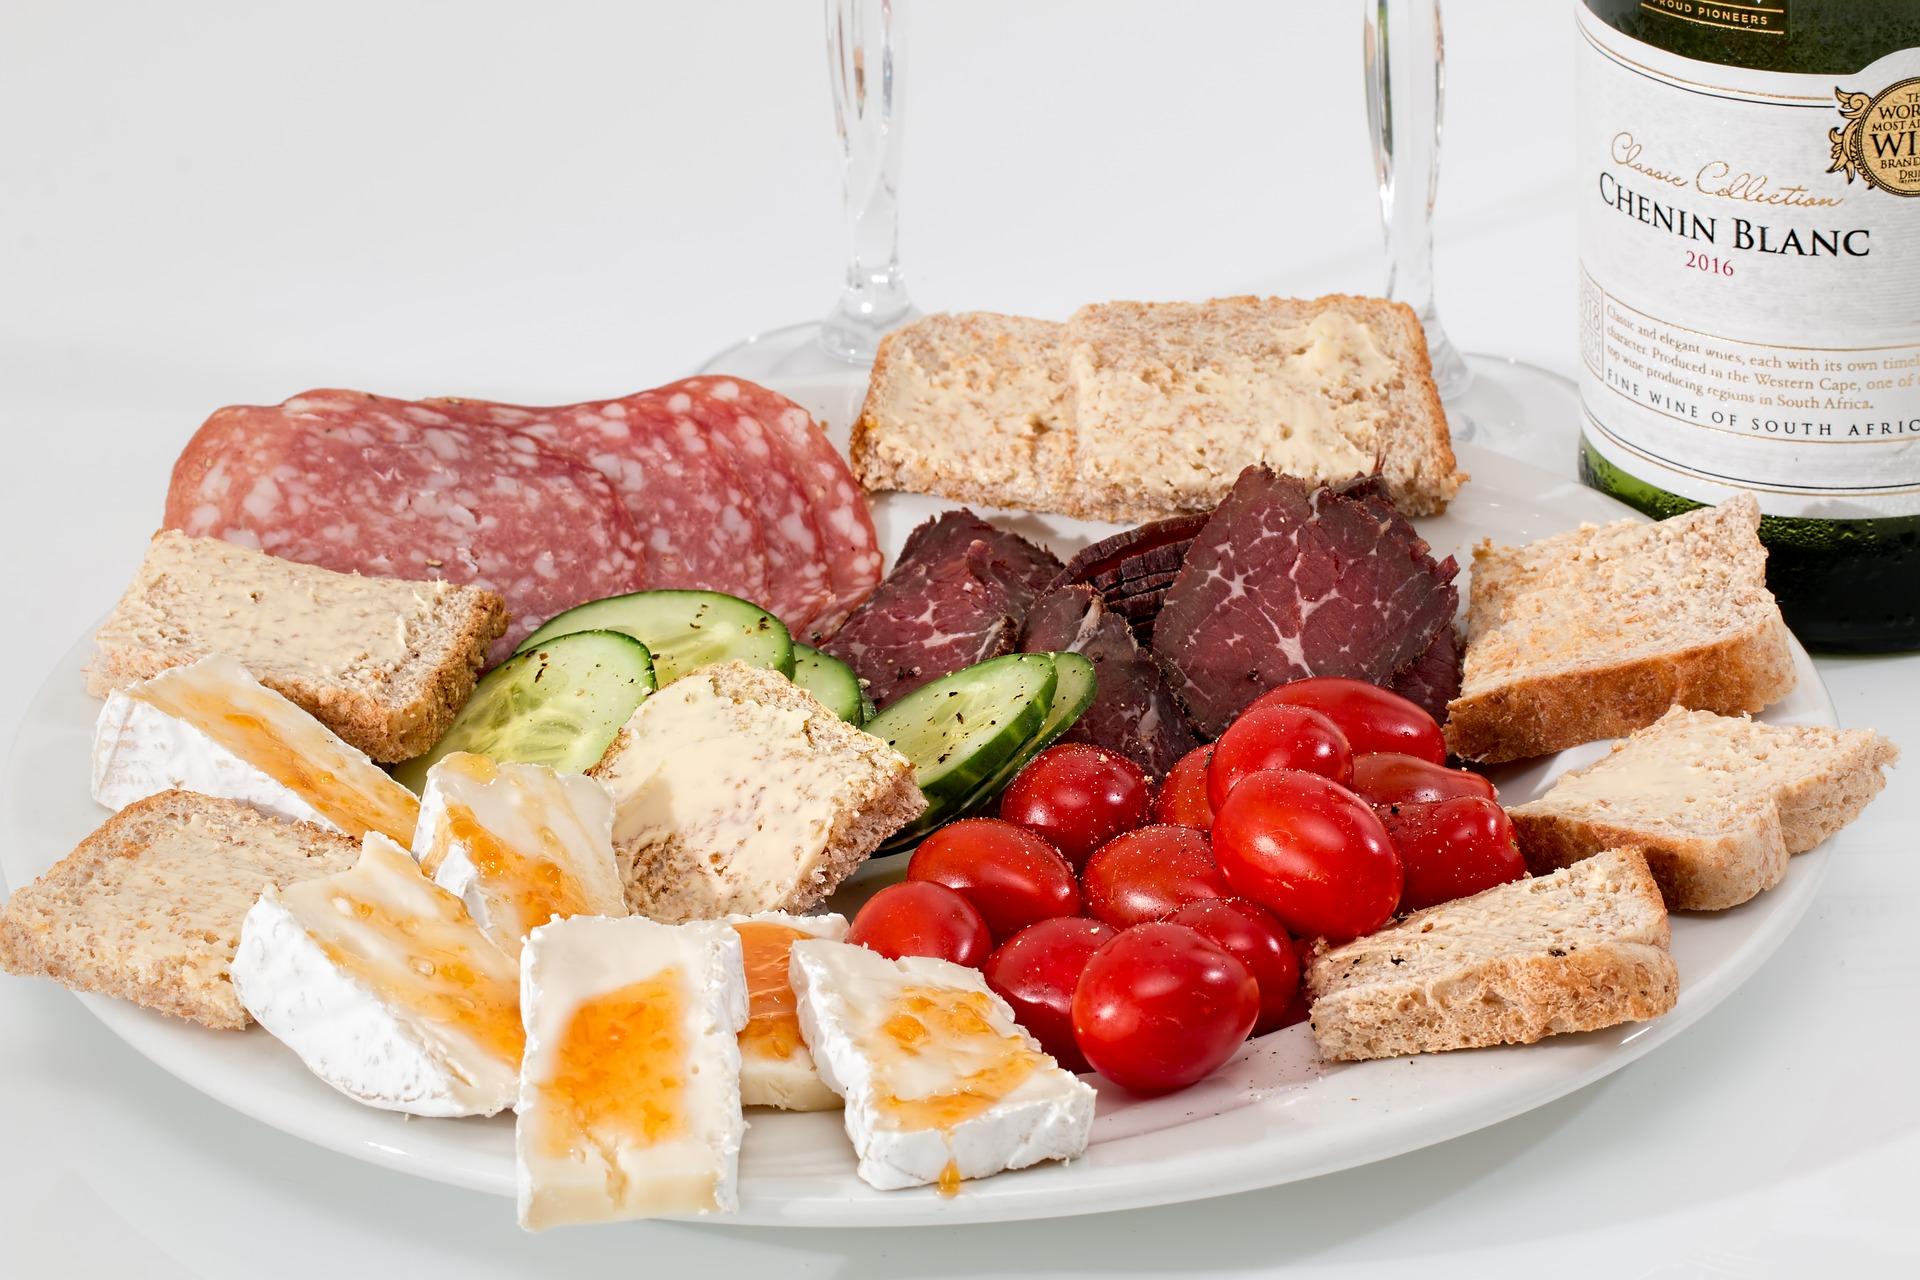 Prato com salame, ovos, pães e tomates.